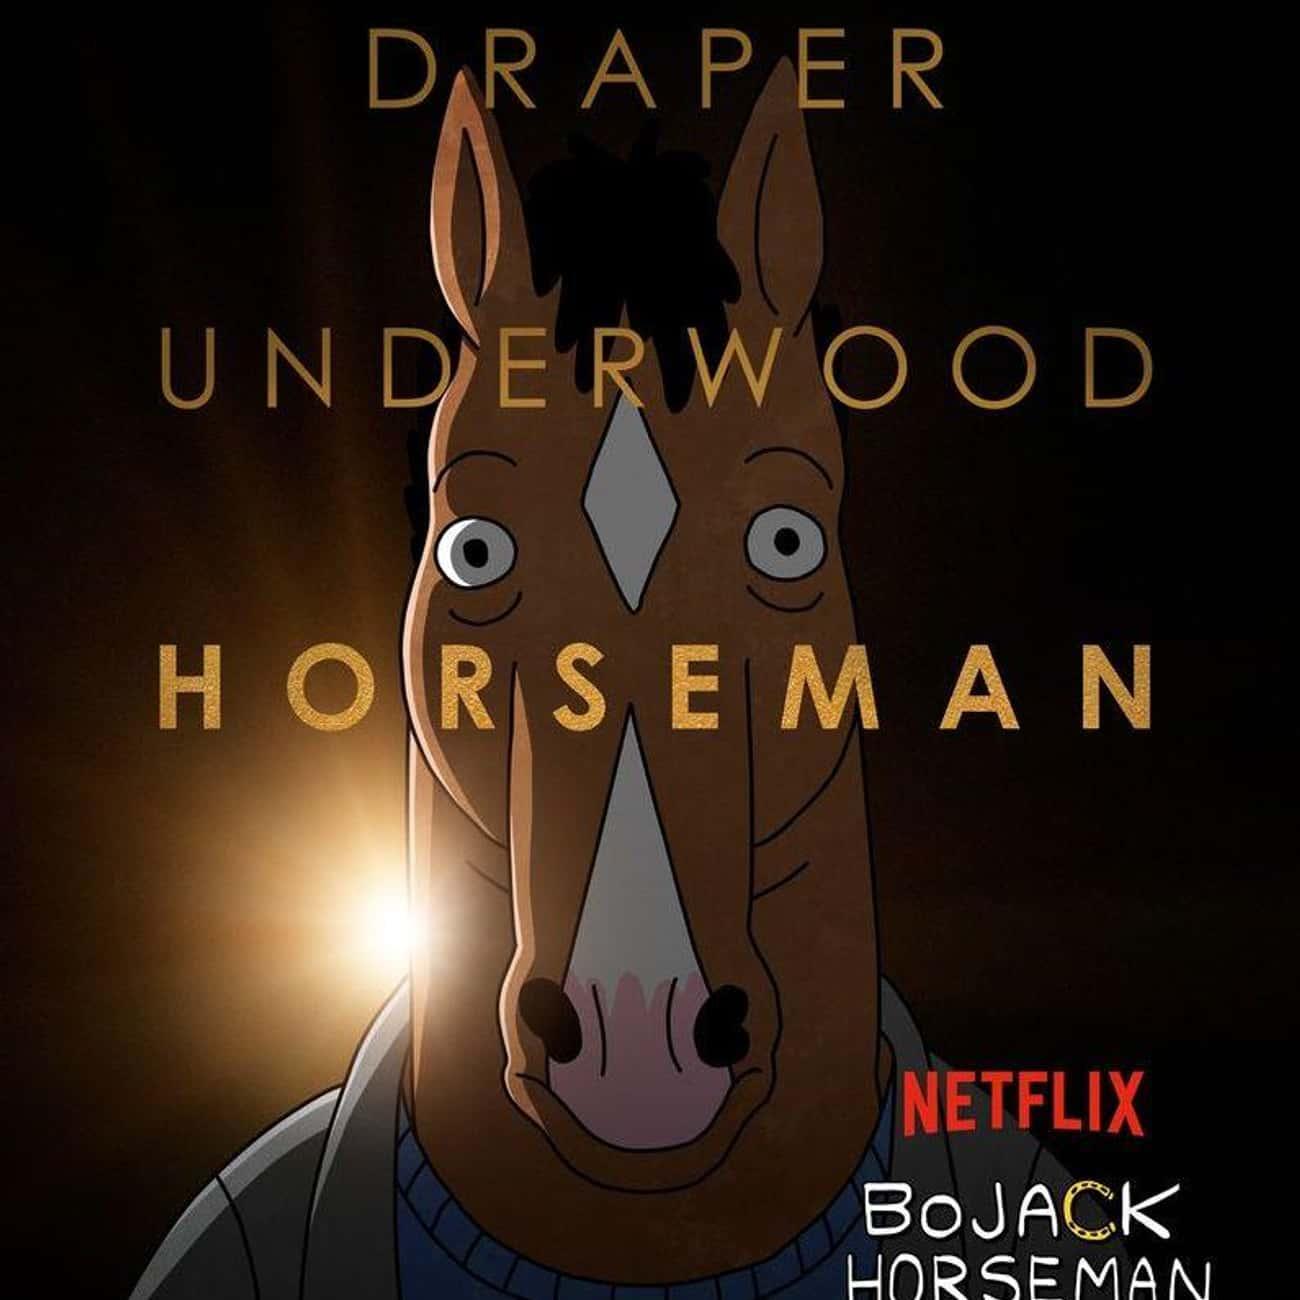 BoJack Horseman - Season 3 is listed (or ranked) 3 on the list Ranking the Best Seasons of 'BoJack Horseman'